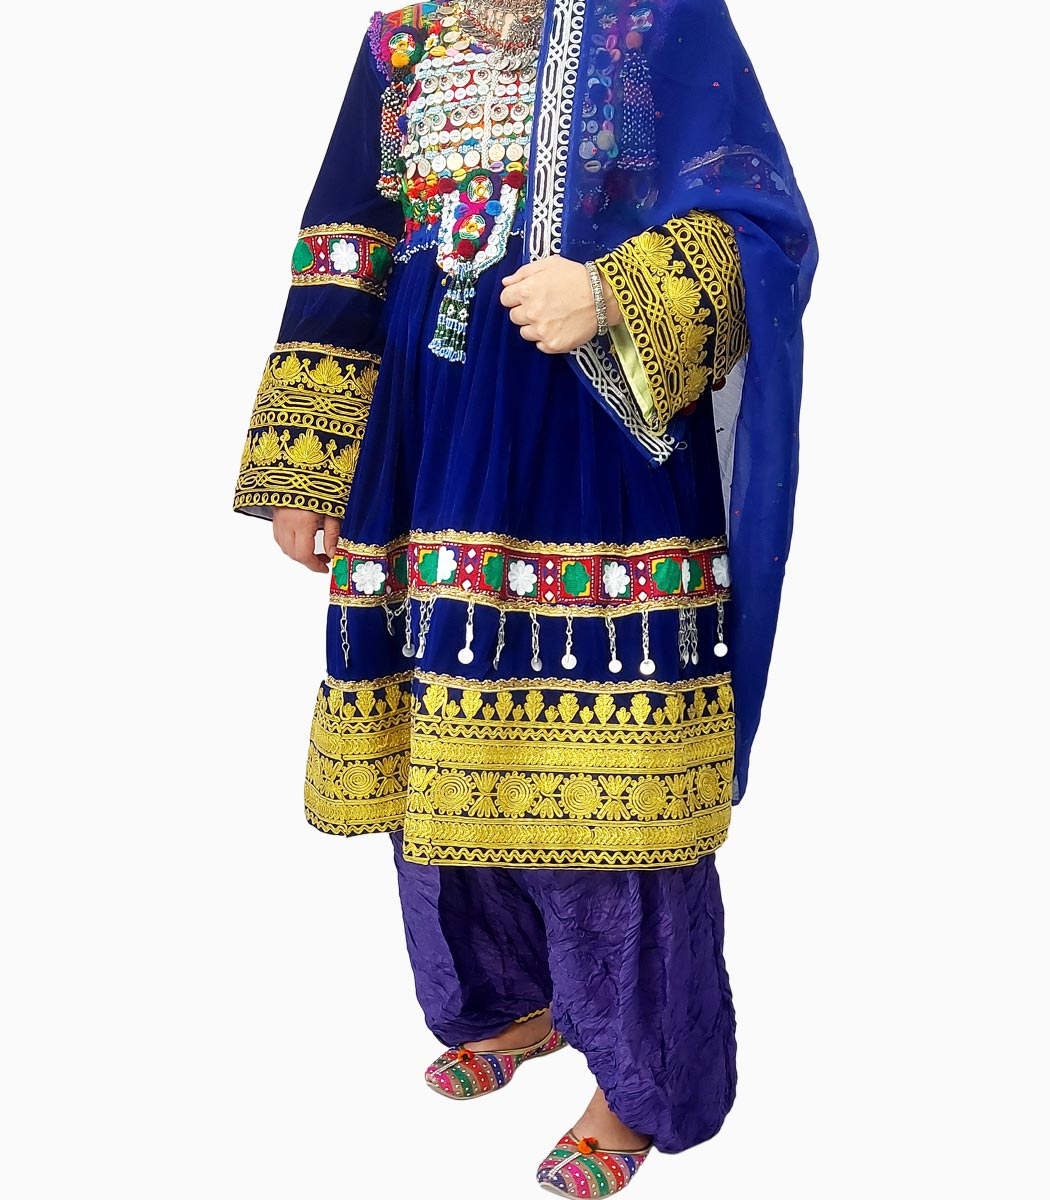 لباس گند افغانستانی